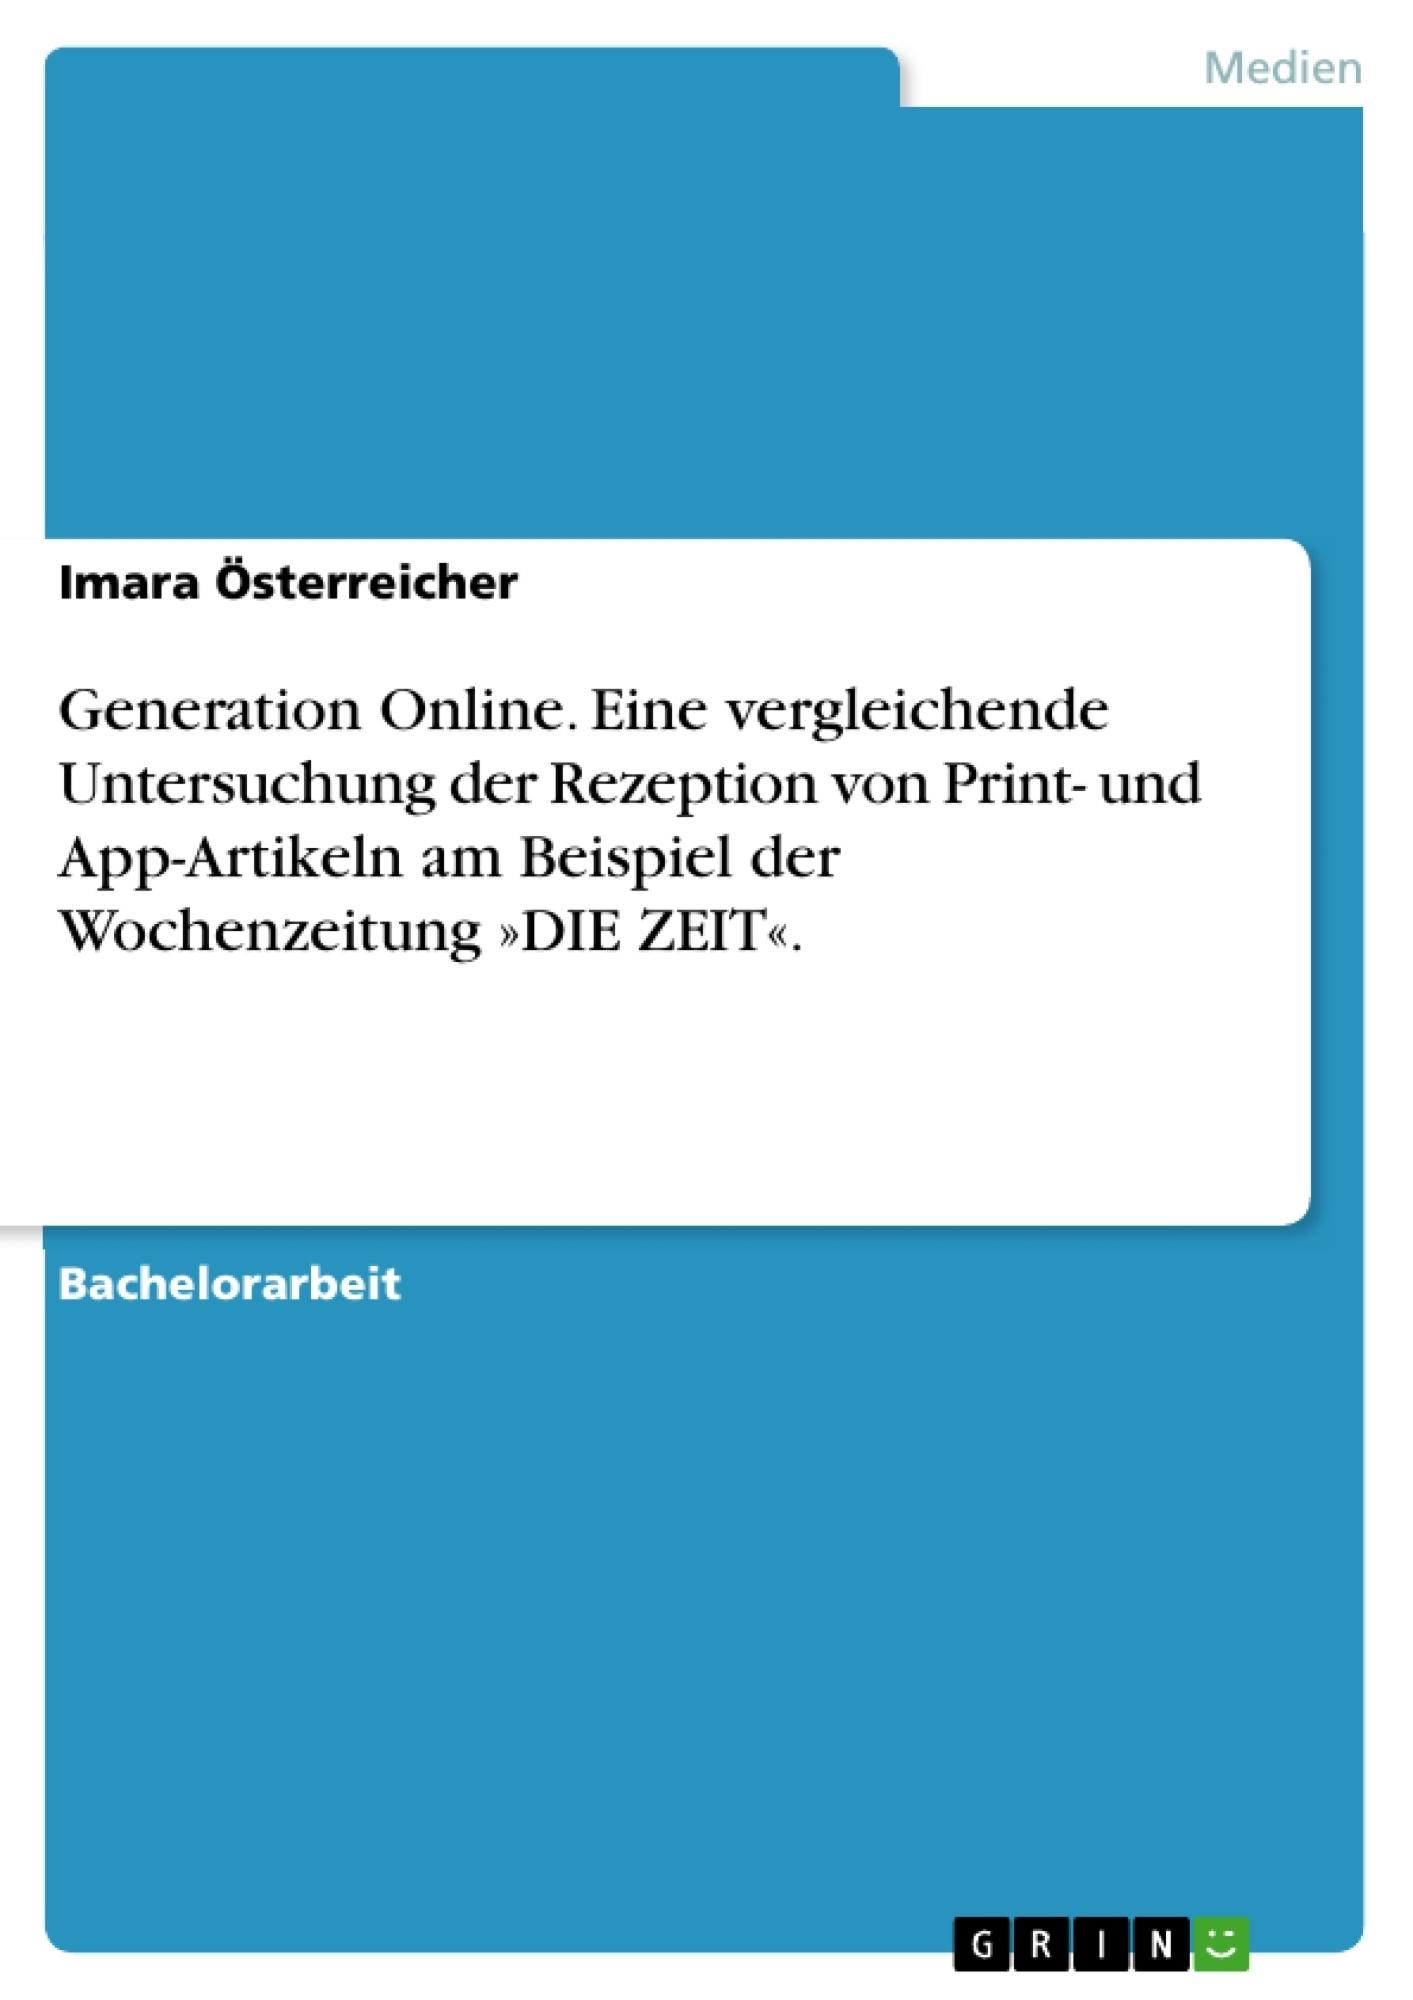 Titel: Generation Online. Eine vergleichende Untersuchung der Rezeption von Print- und App-Artikeln am Beispiel der Wochenzeitung »DIE ZEIT«.